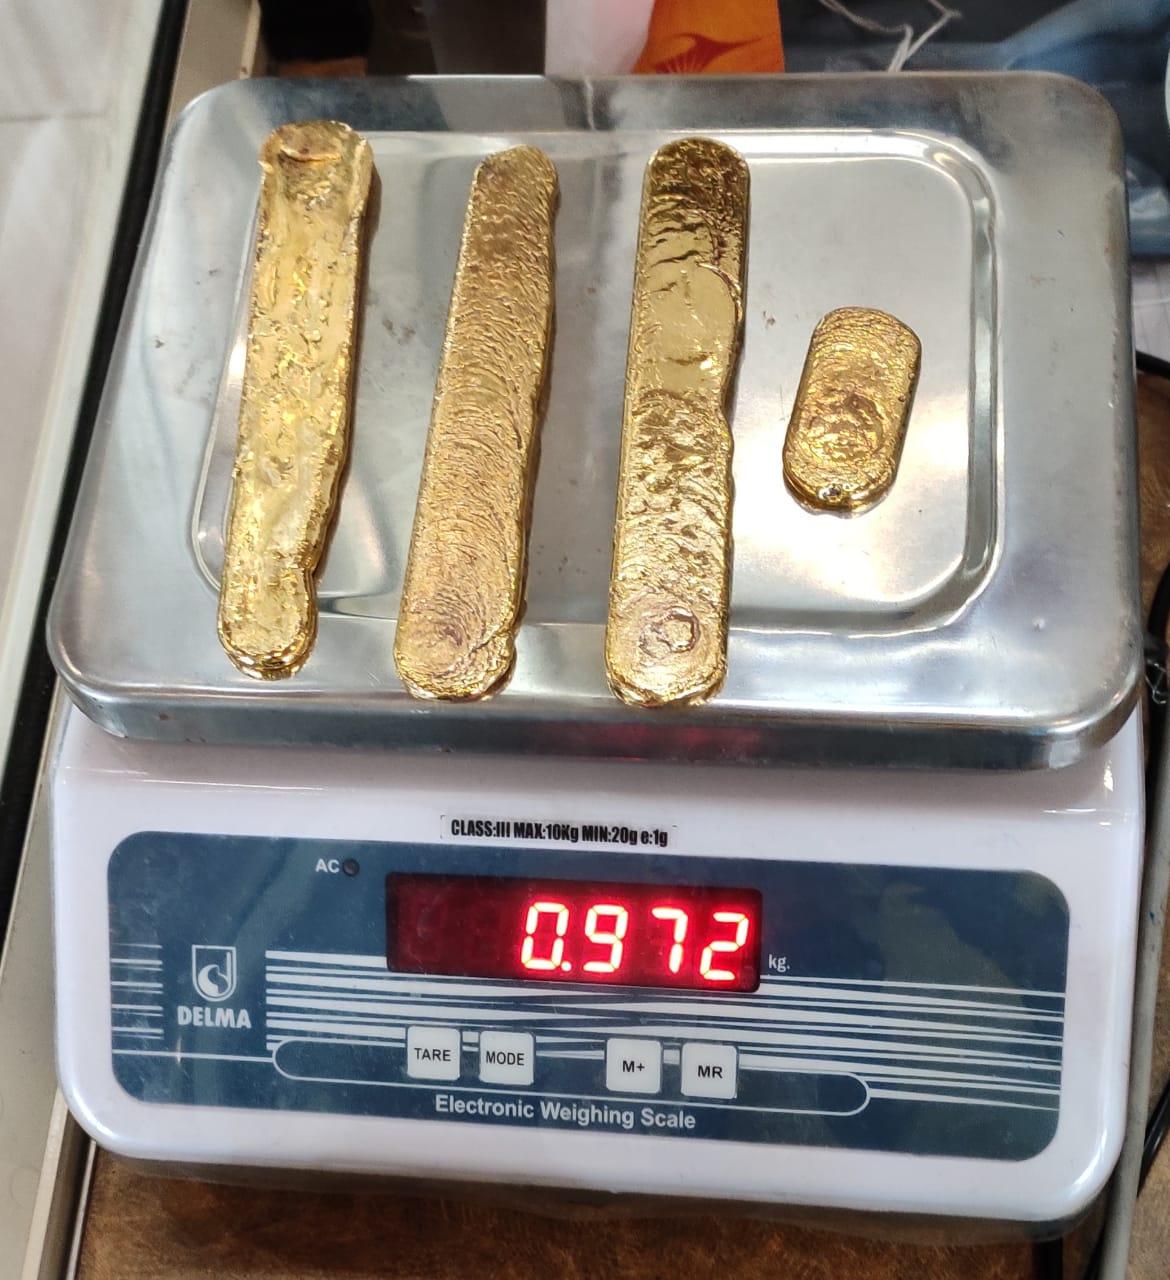 Vàng được cán dẹt, nặng 972gr.